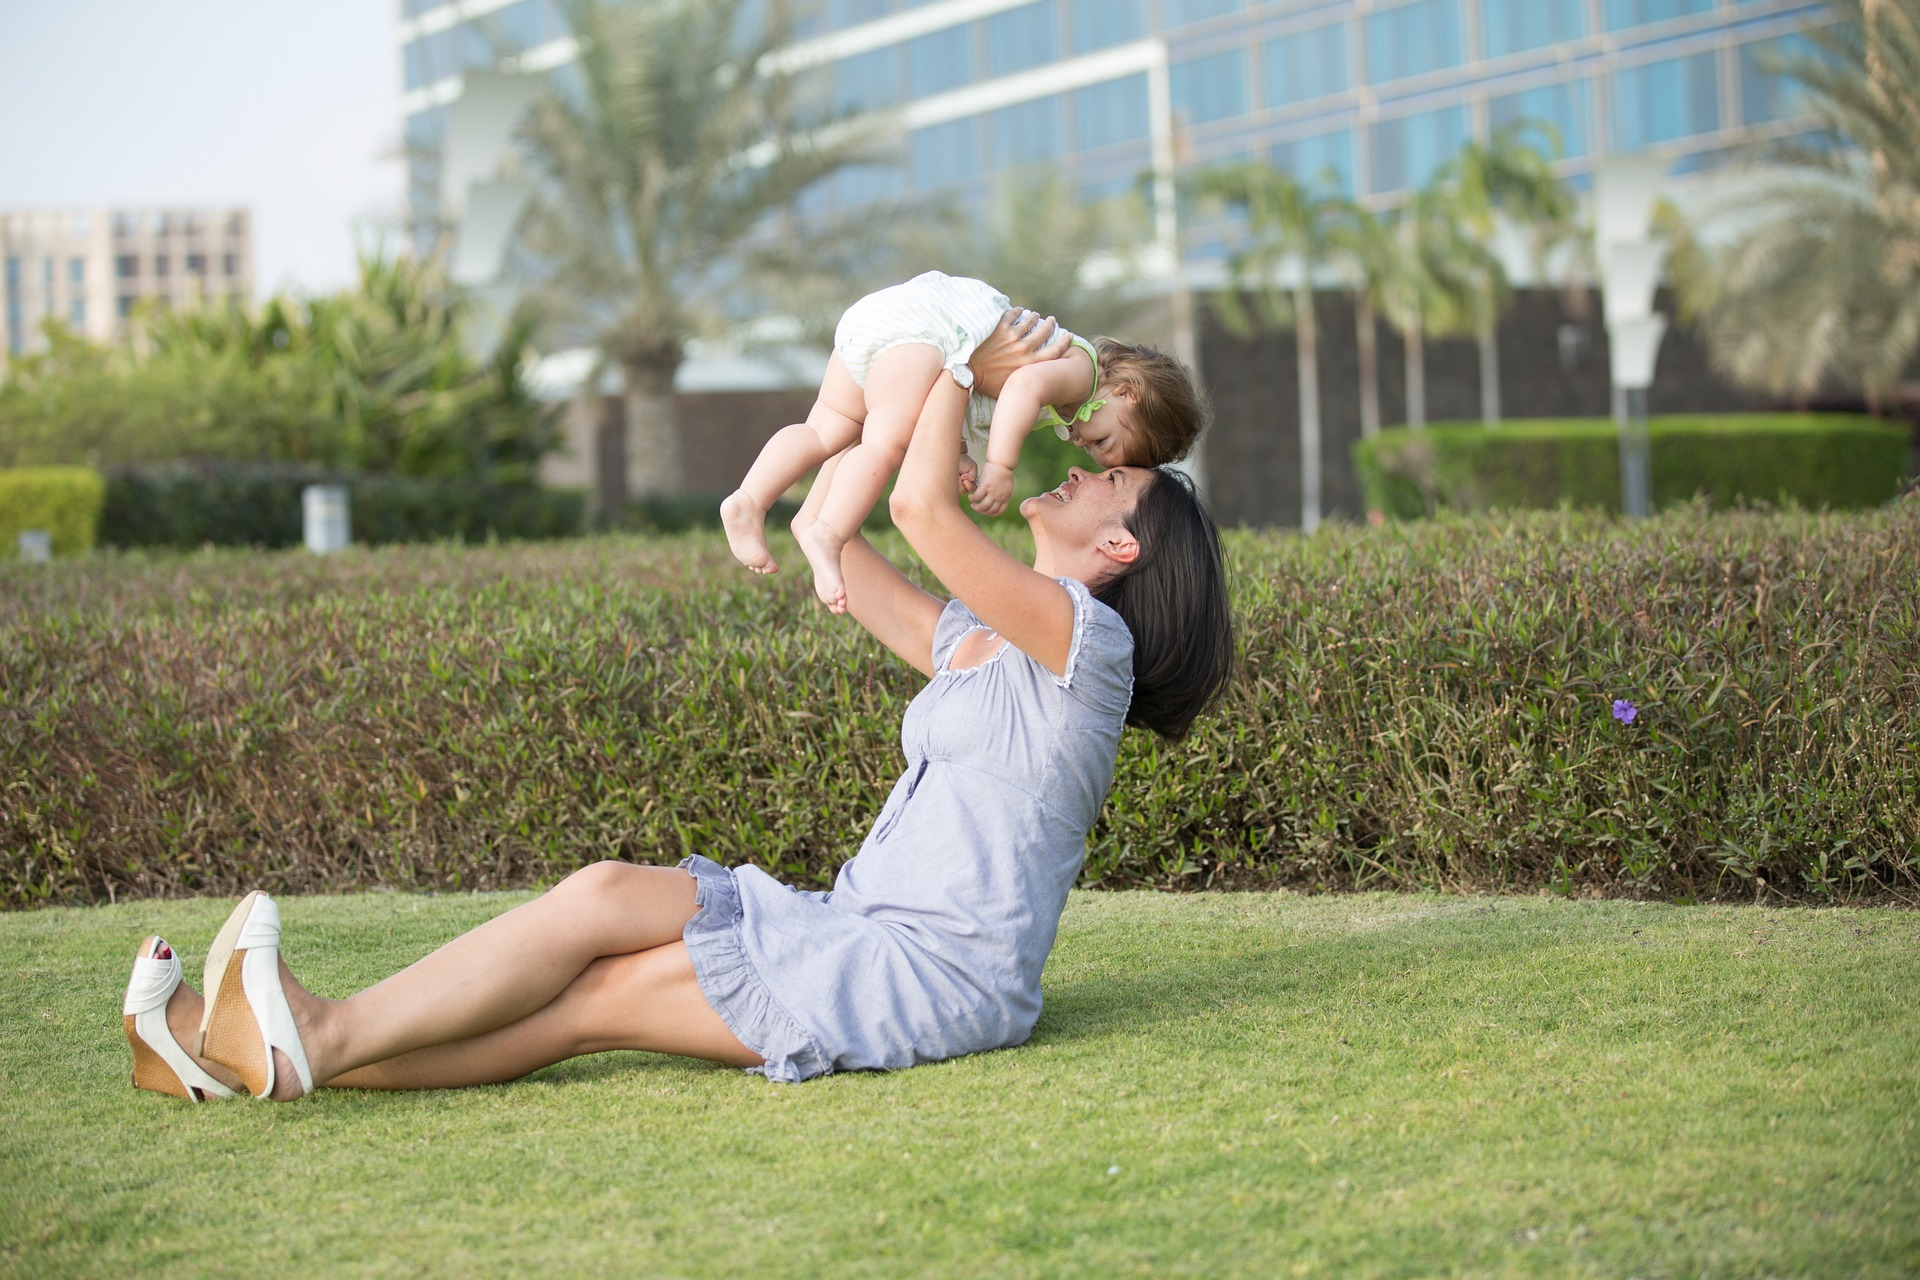 детское пособие безработной маме